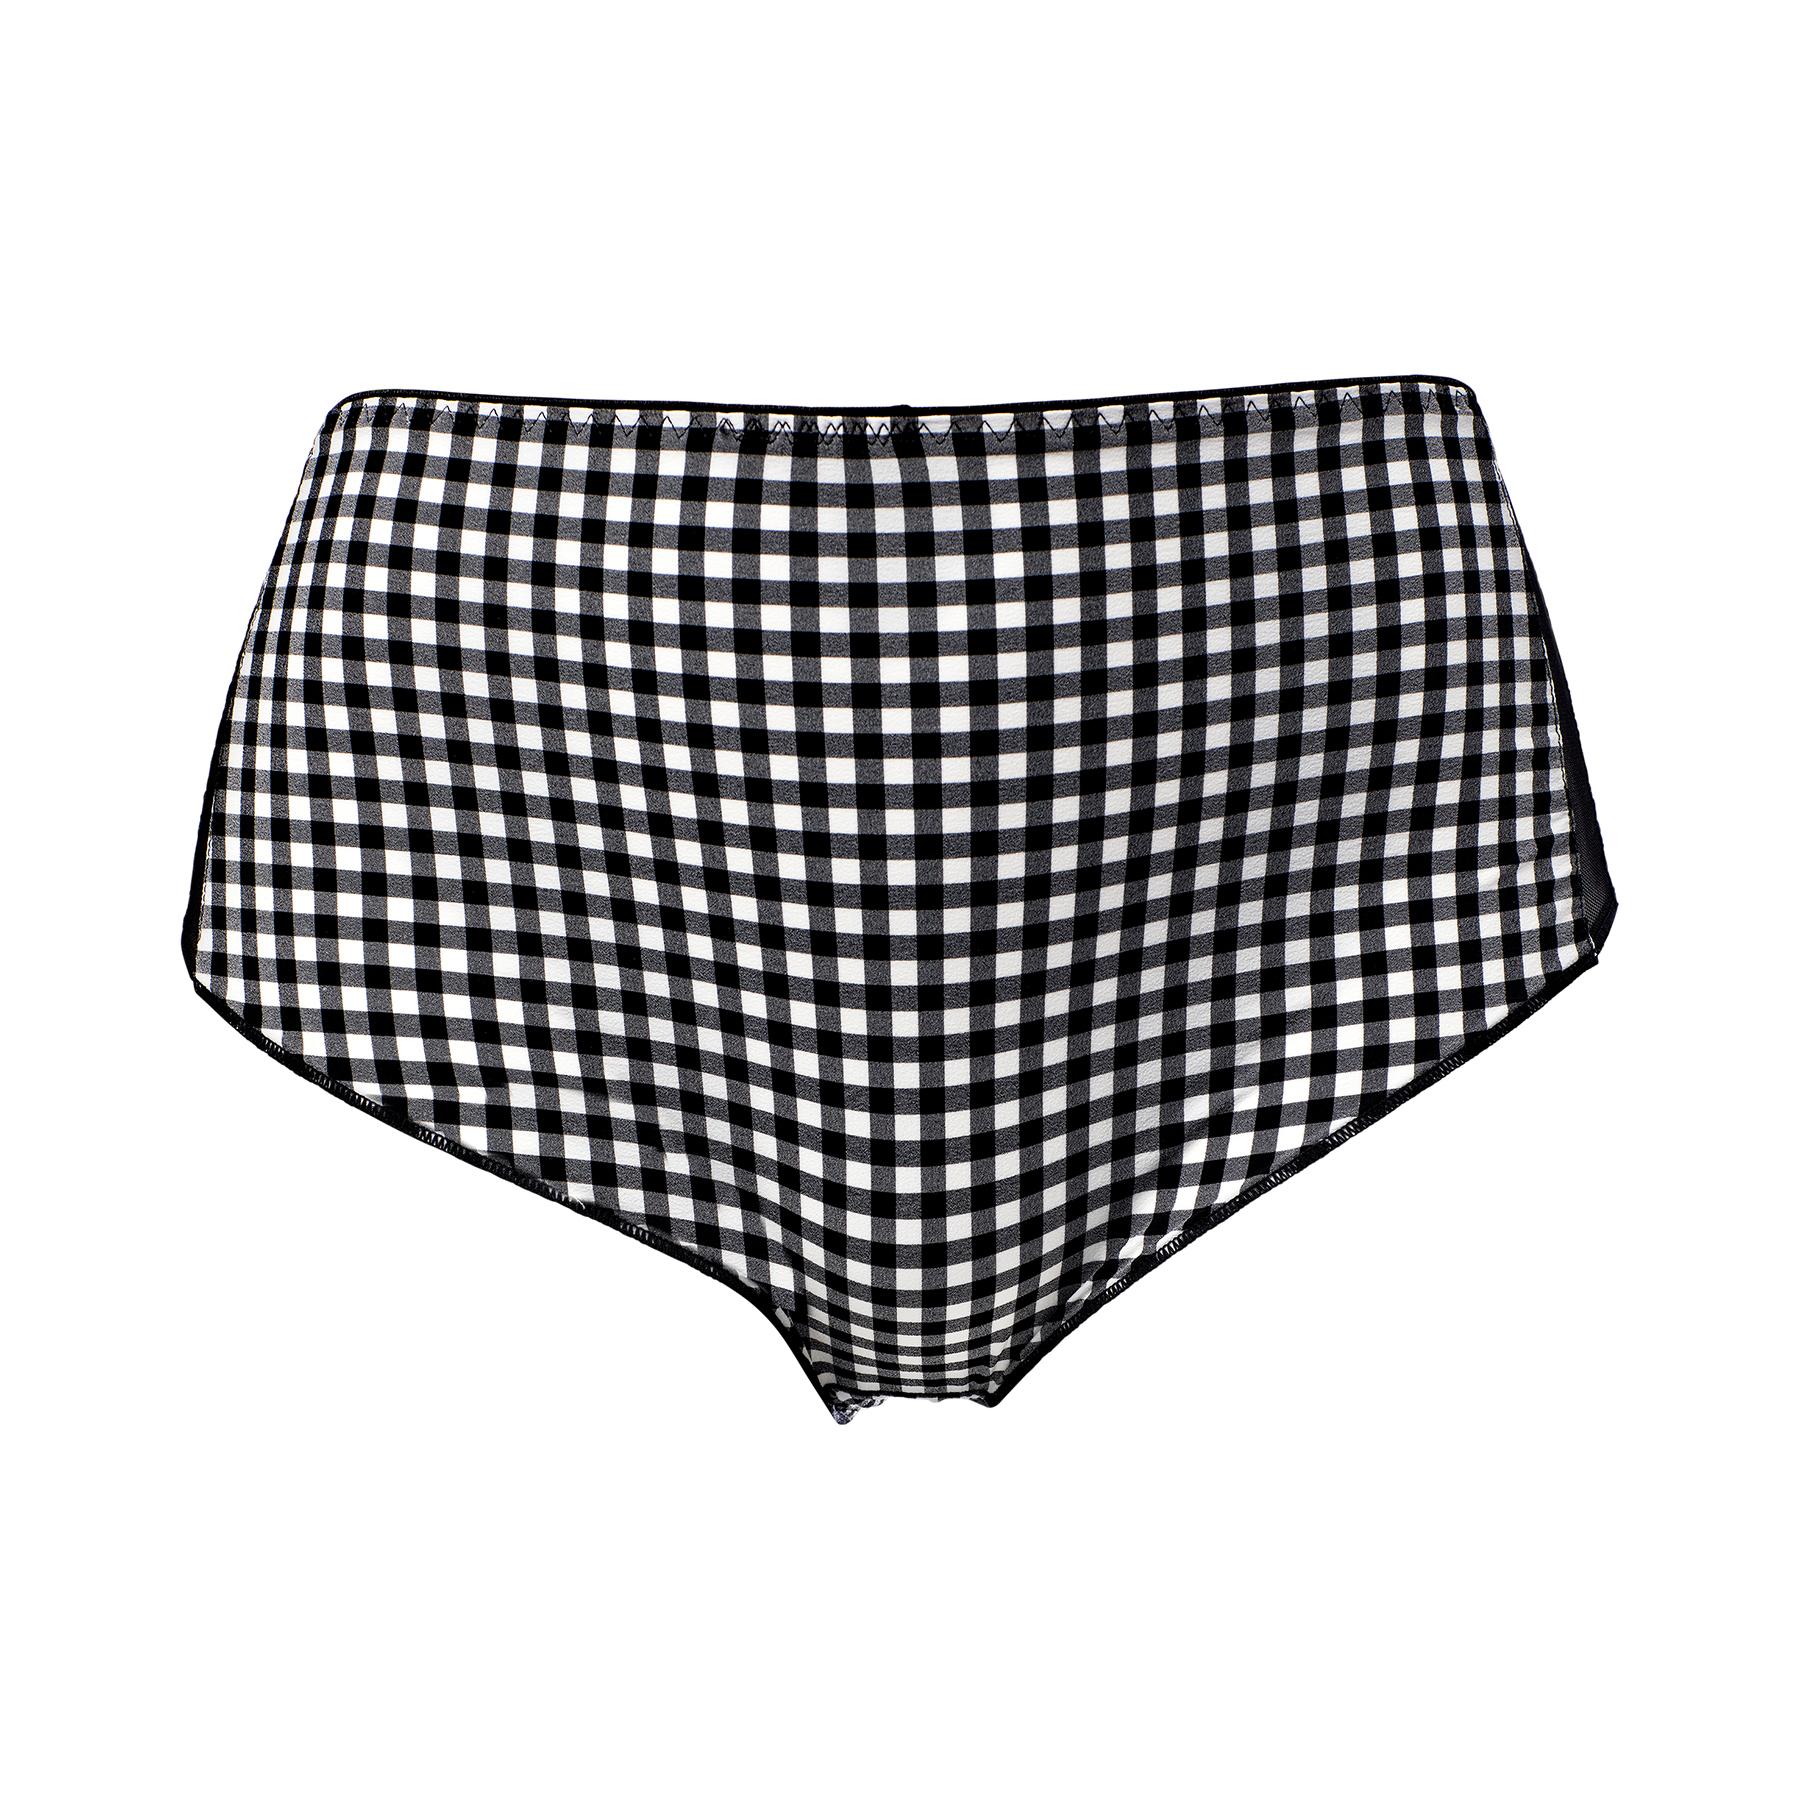 Culotte Haute - Guide de tailleTrouvez le point de vente le plus proche de chez vous sous-garantie des stocks disponibles du distributeur.Couleur :Noir